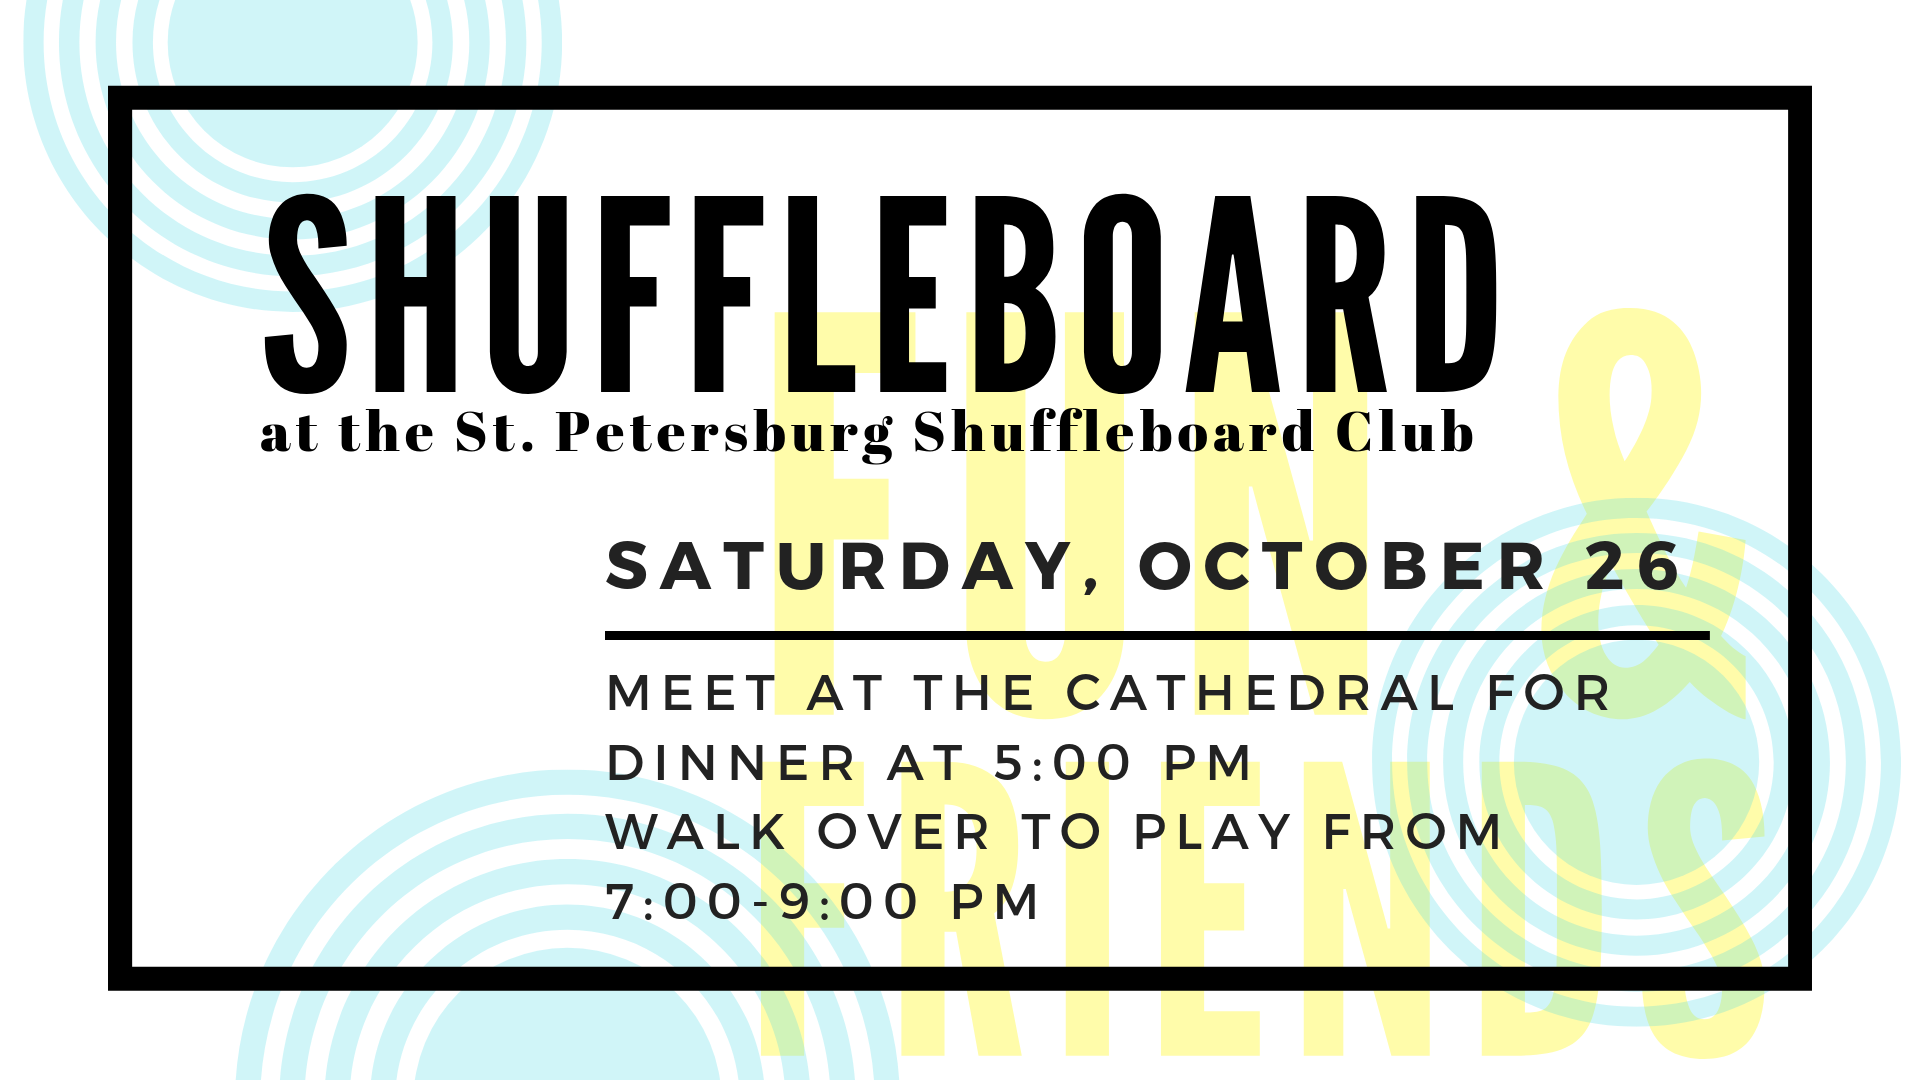 Shuffleboard (1).png